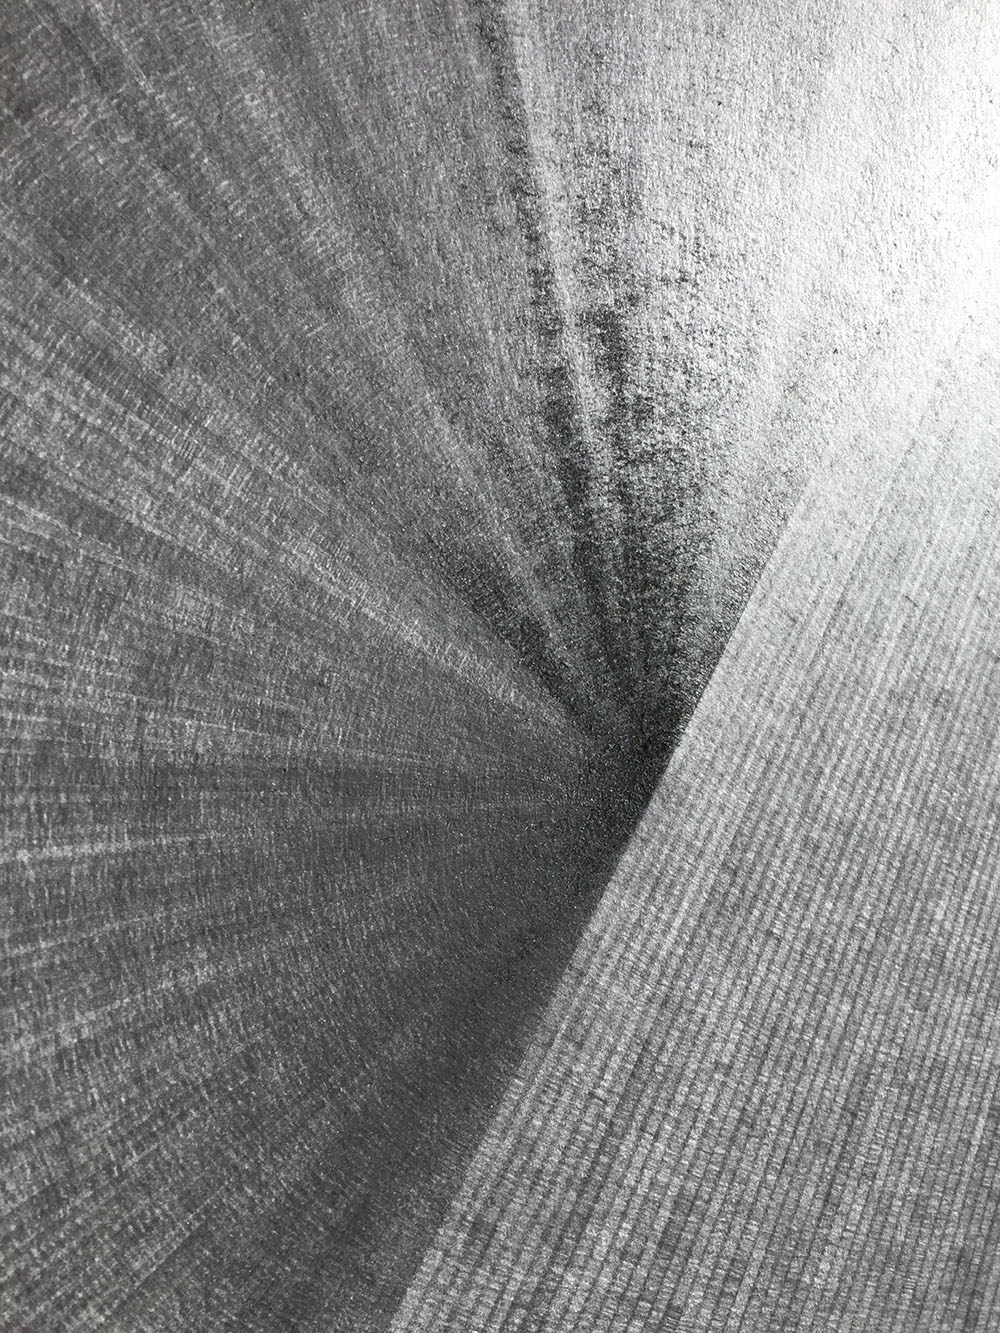 Plain Dust, Alexandra Roozen